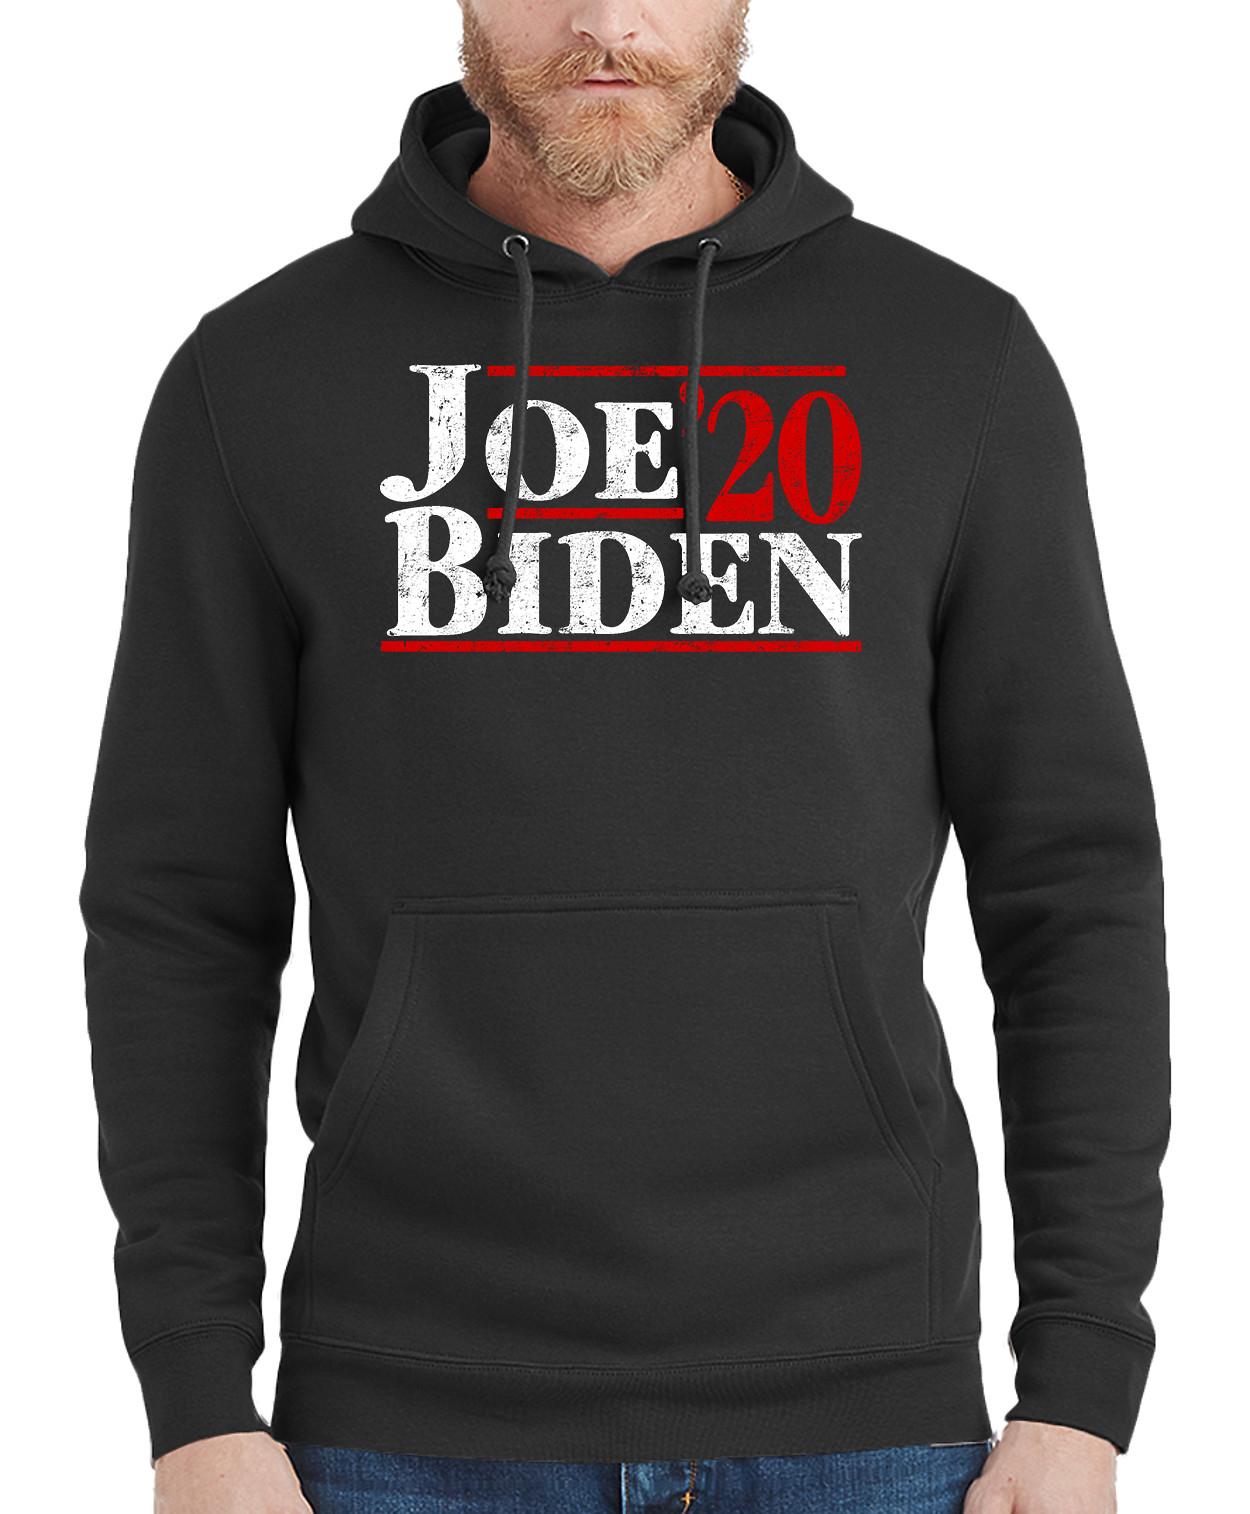 Joe Biden Sweatshirt Mens Womens Boys Girls 3D Print Pullover Hooded Hoodies Sweaters